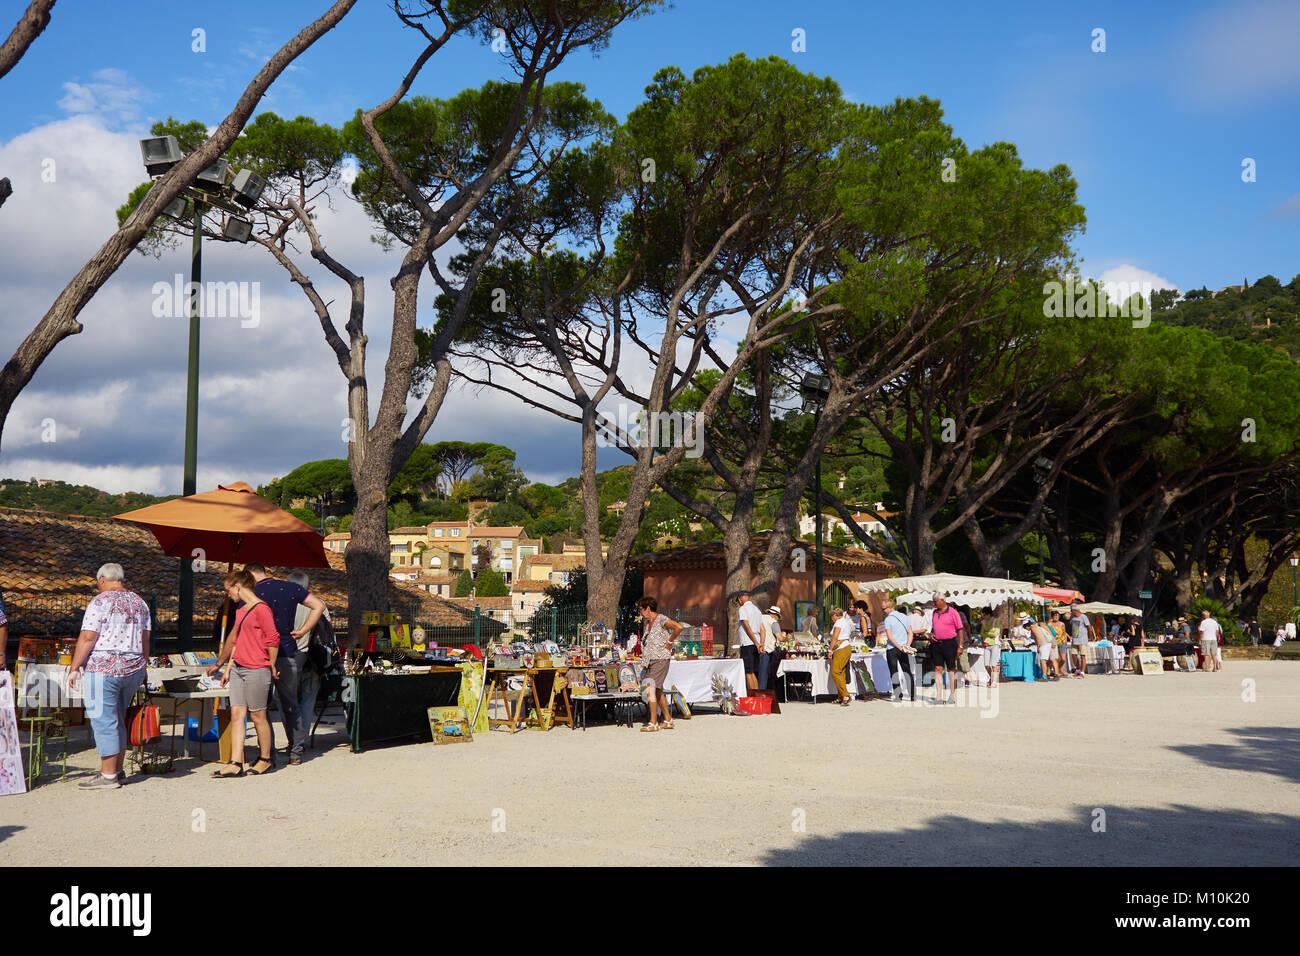 Open air antique market, Bormes Les Mimosas, France - Stock Image